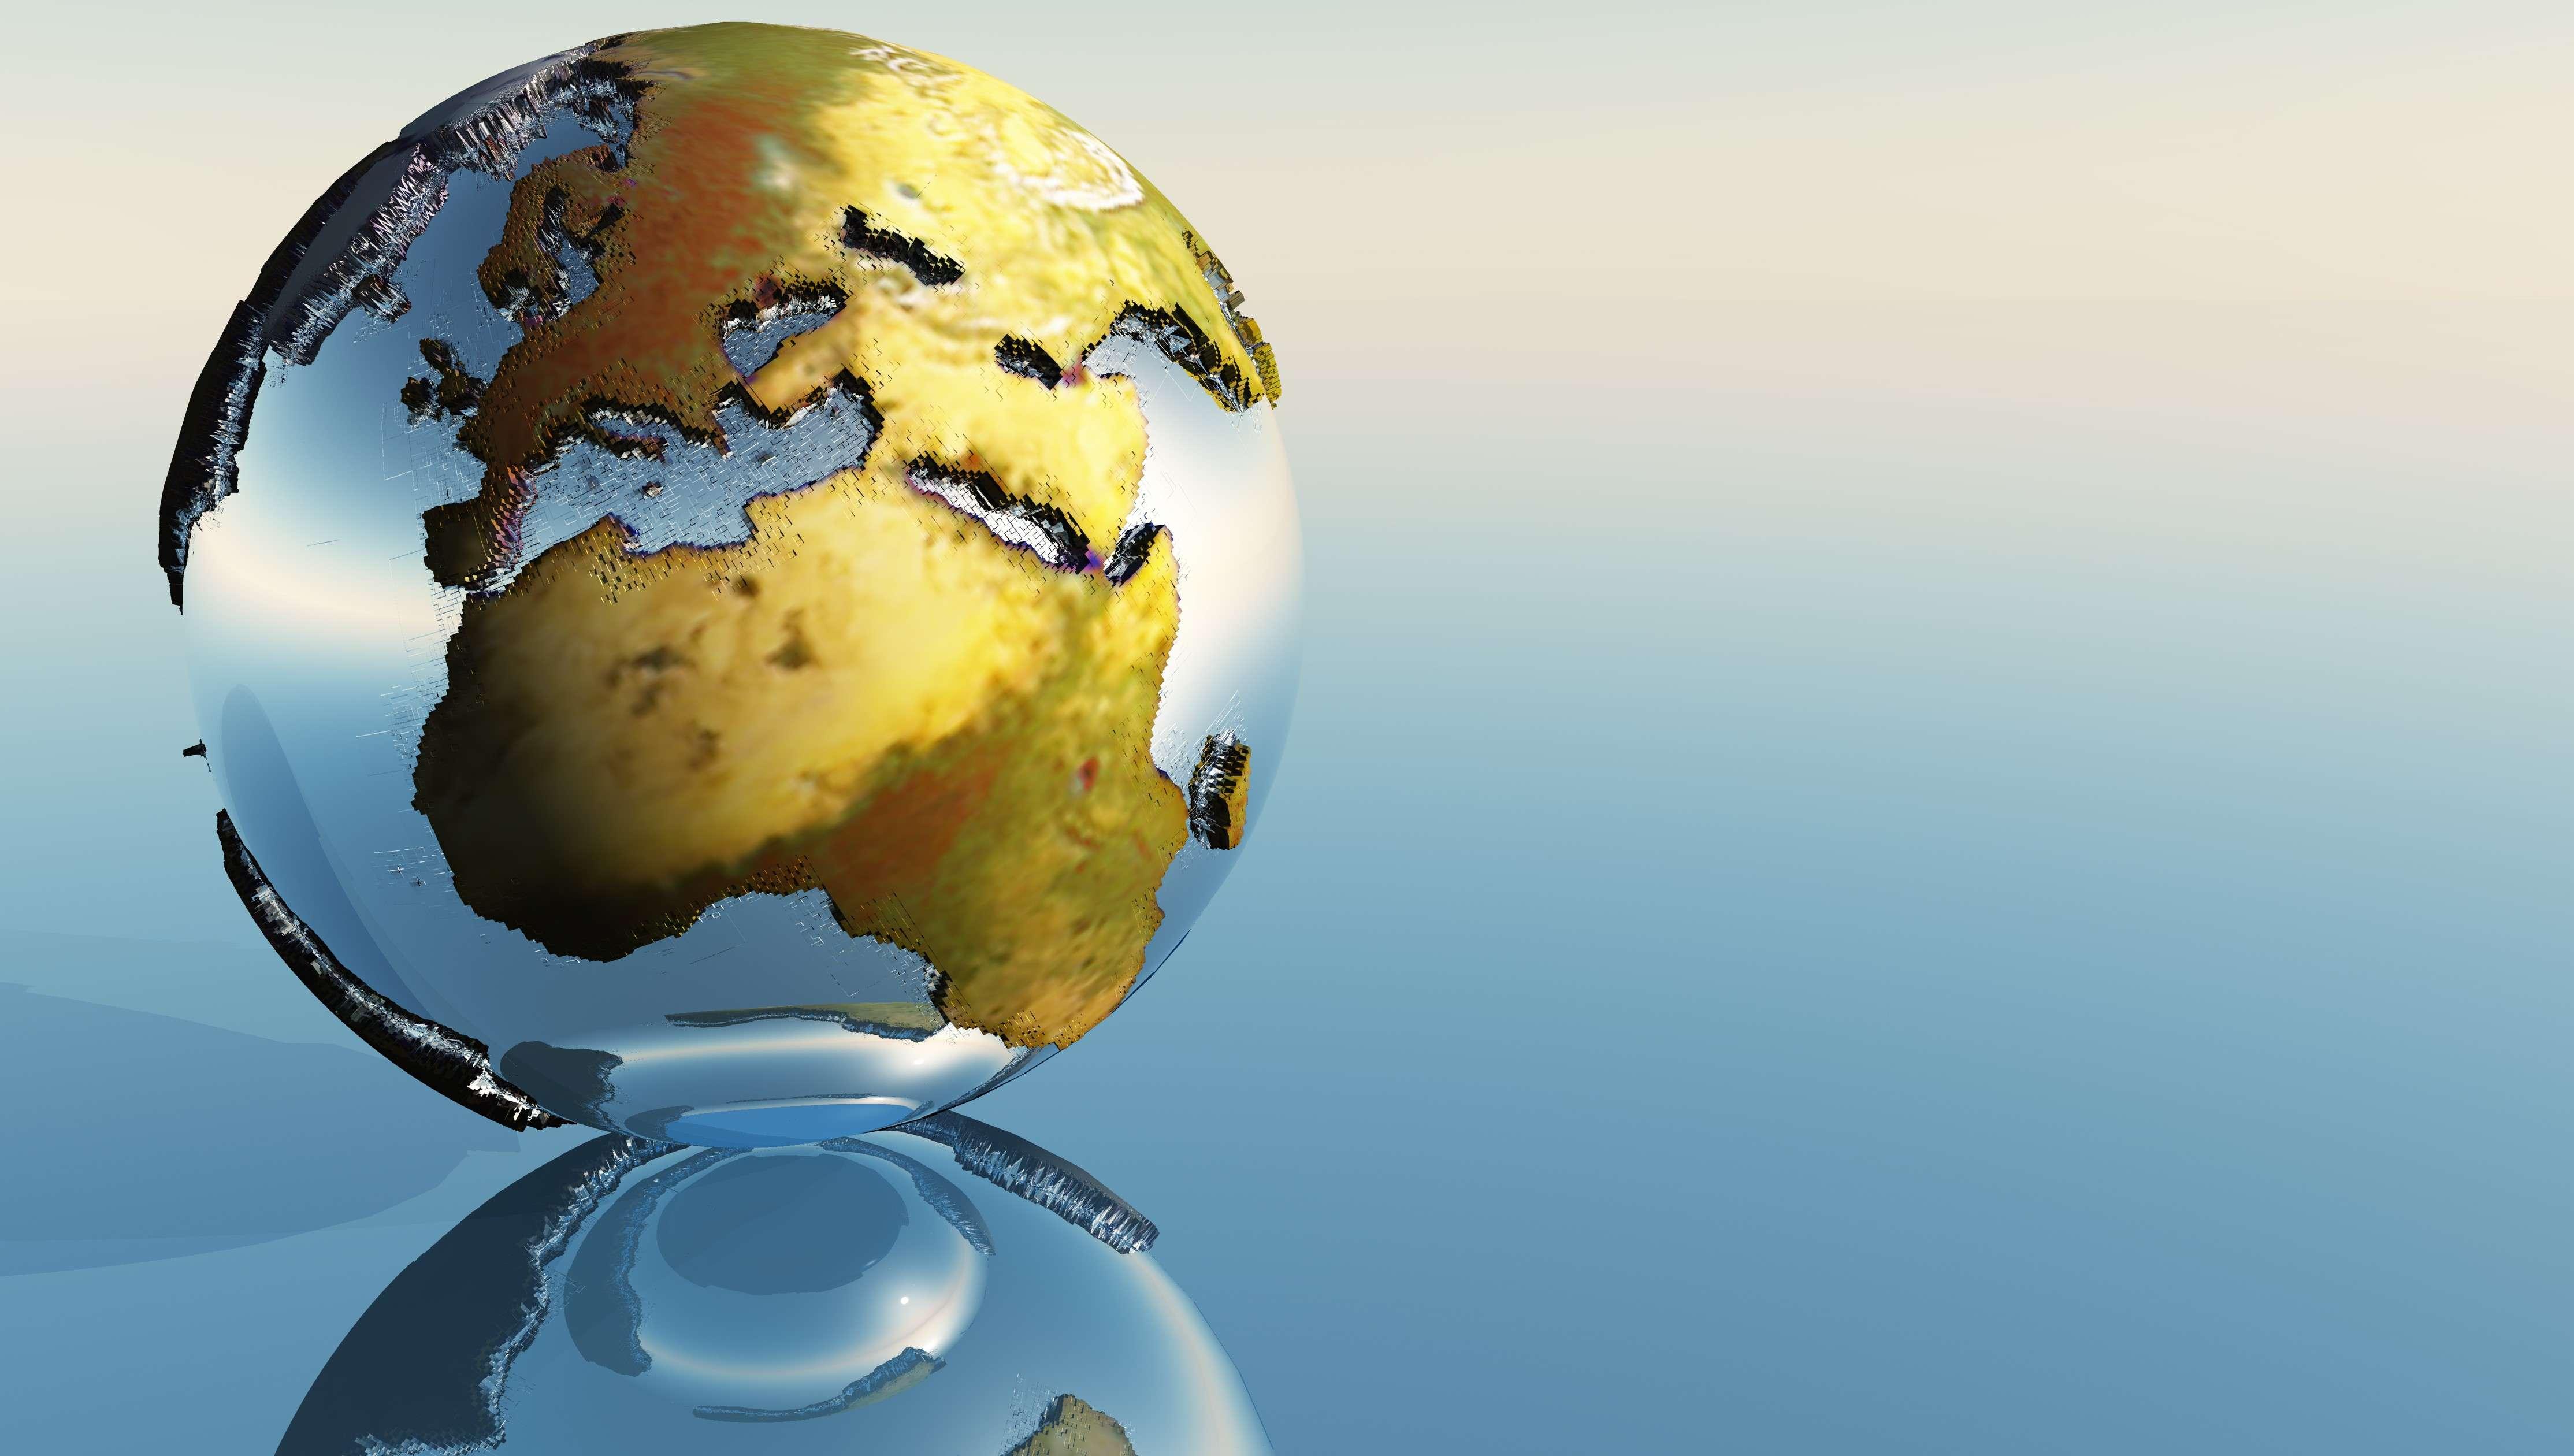 सावधान! दुनिया भर में नदियों की धारा का प्रवाह लगातार कम हो रहा है